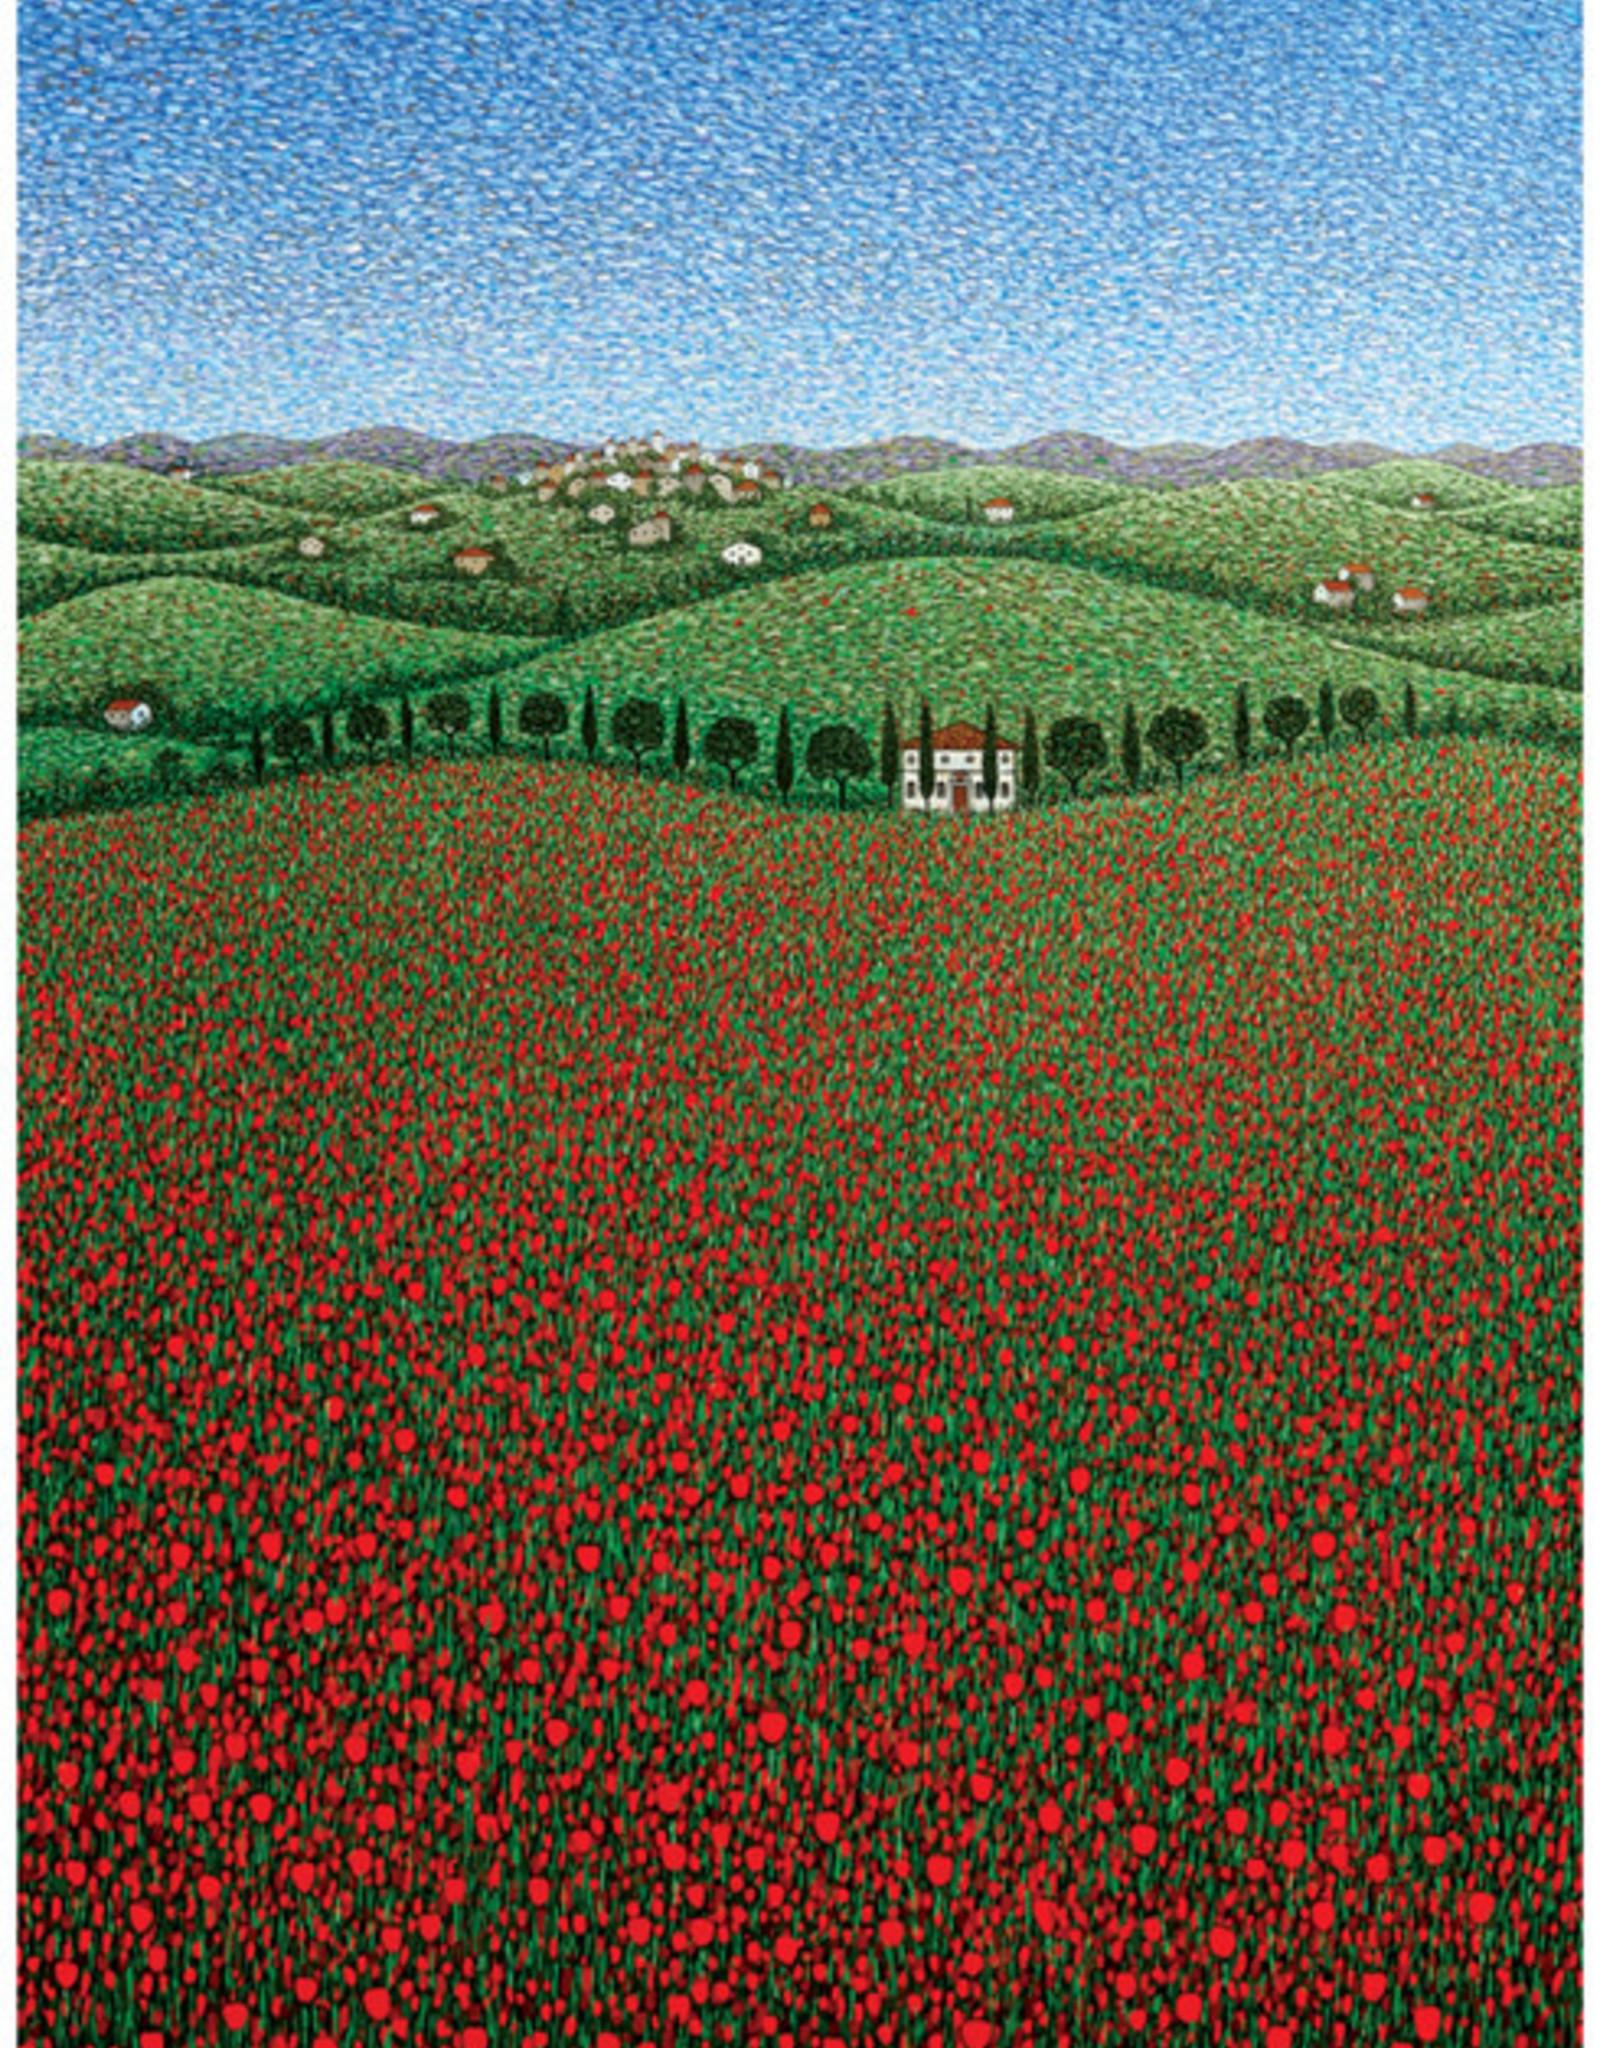 Papaveri Poppies Birthday Card